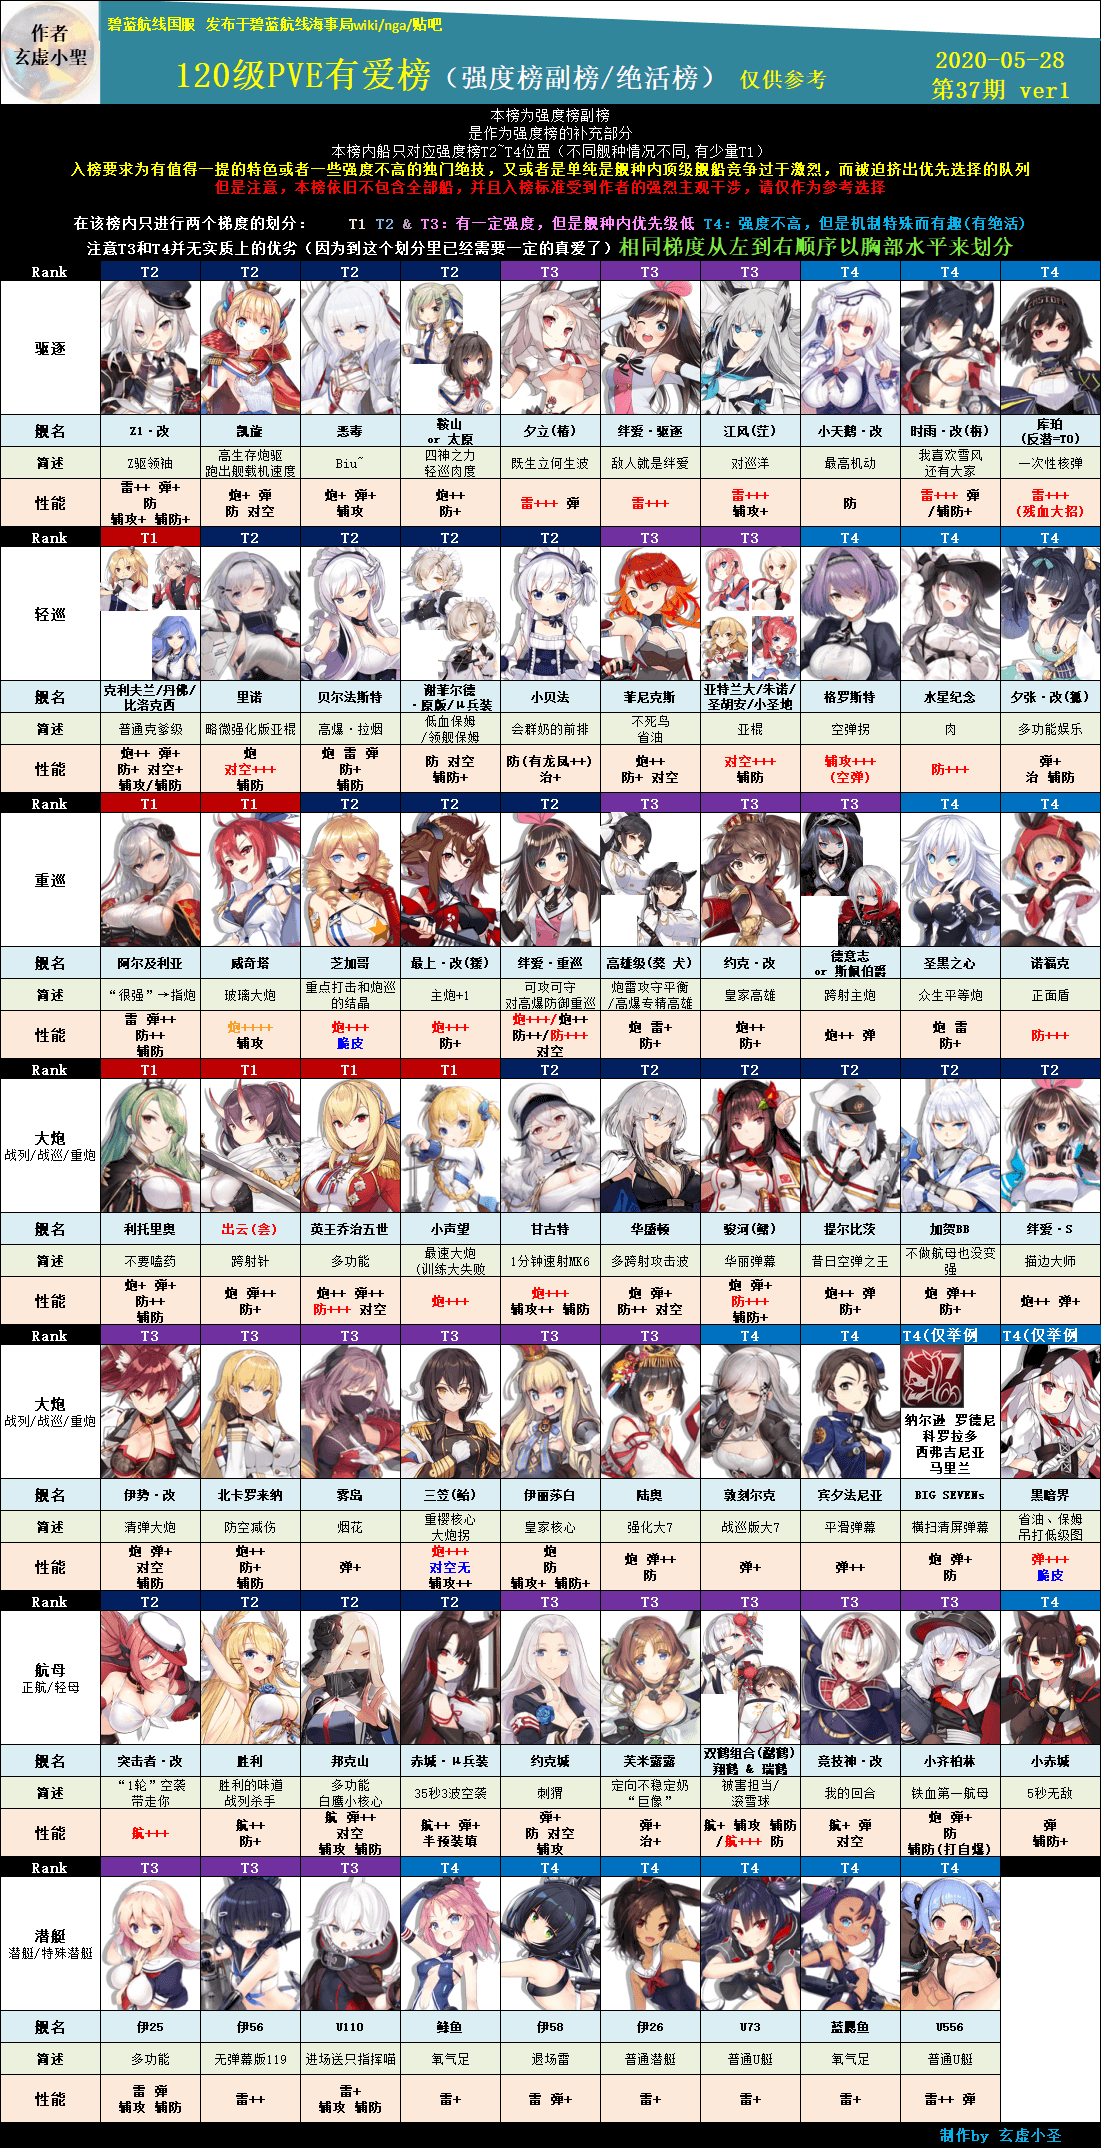 《碧蓝航线》「PVE」舰船平民榜